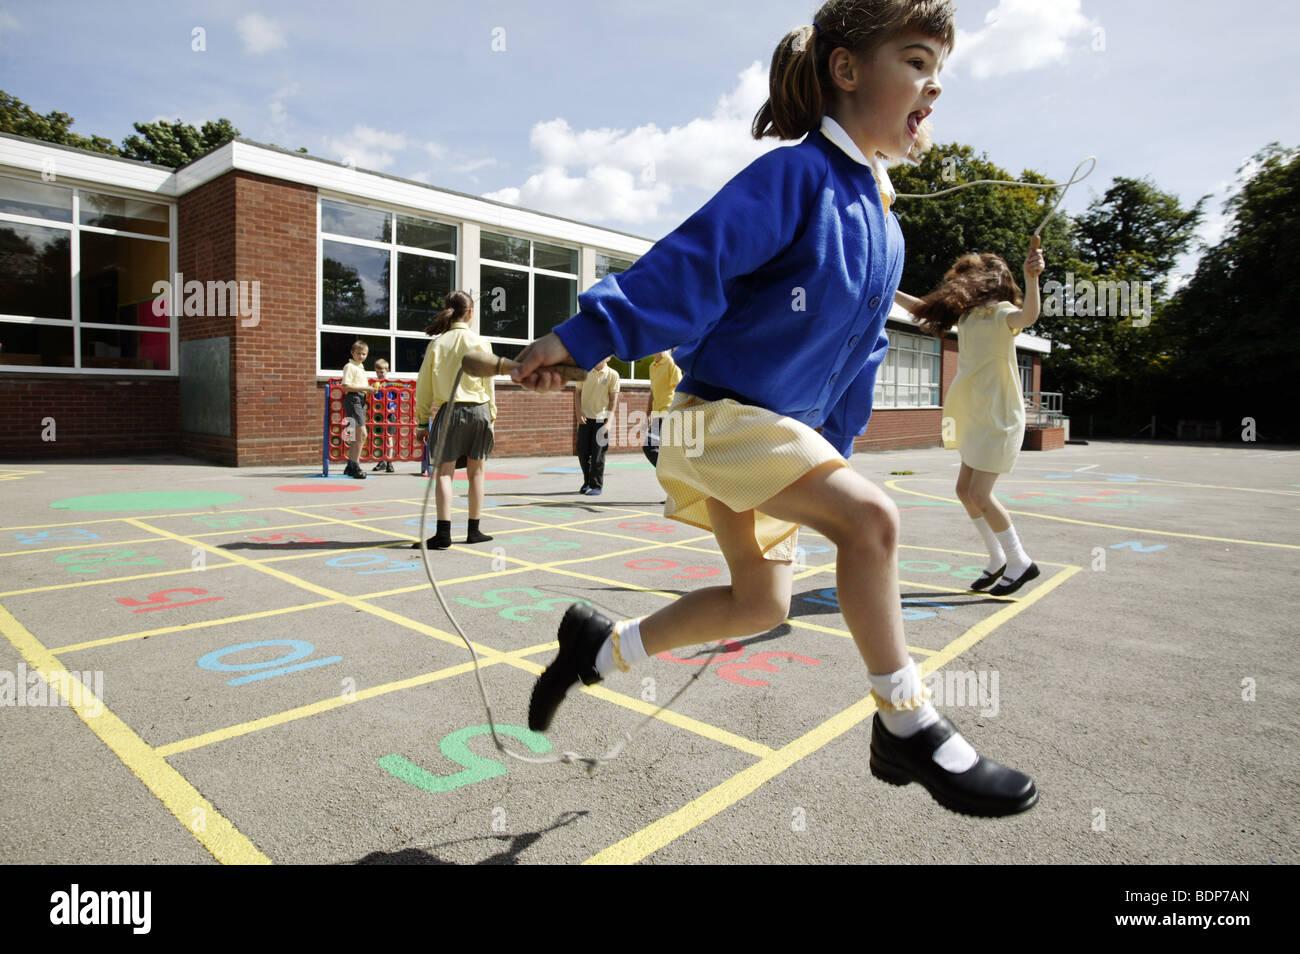 Studentesse saltando in una scuola primaria parco giochi nel Regno Unito. Immagini Stock